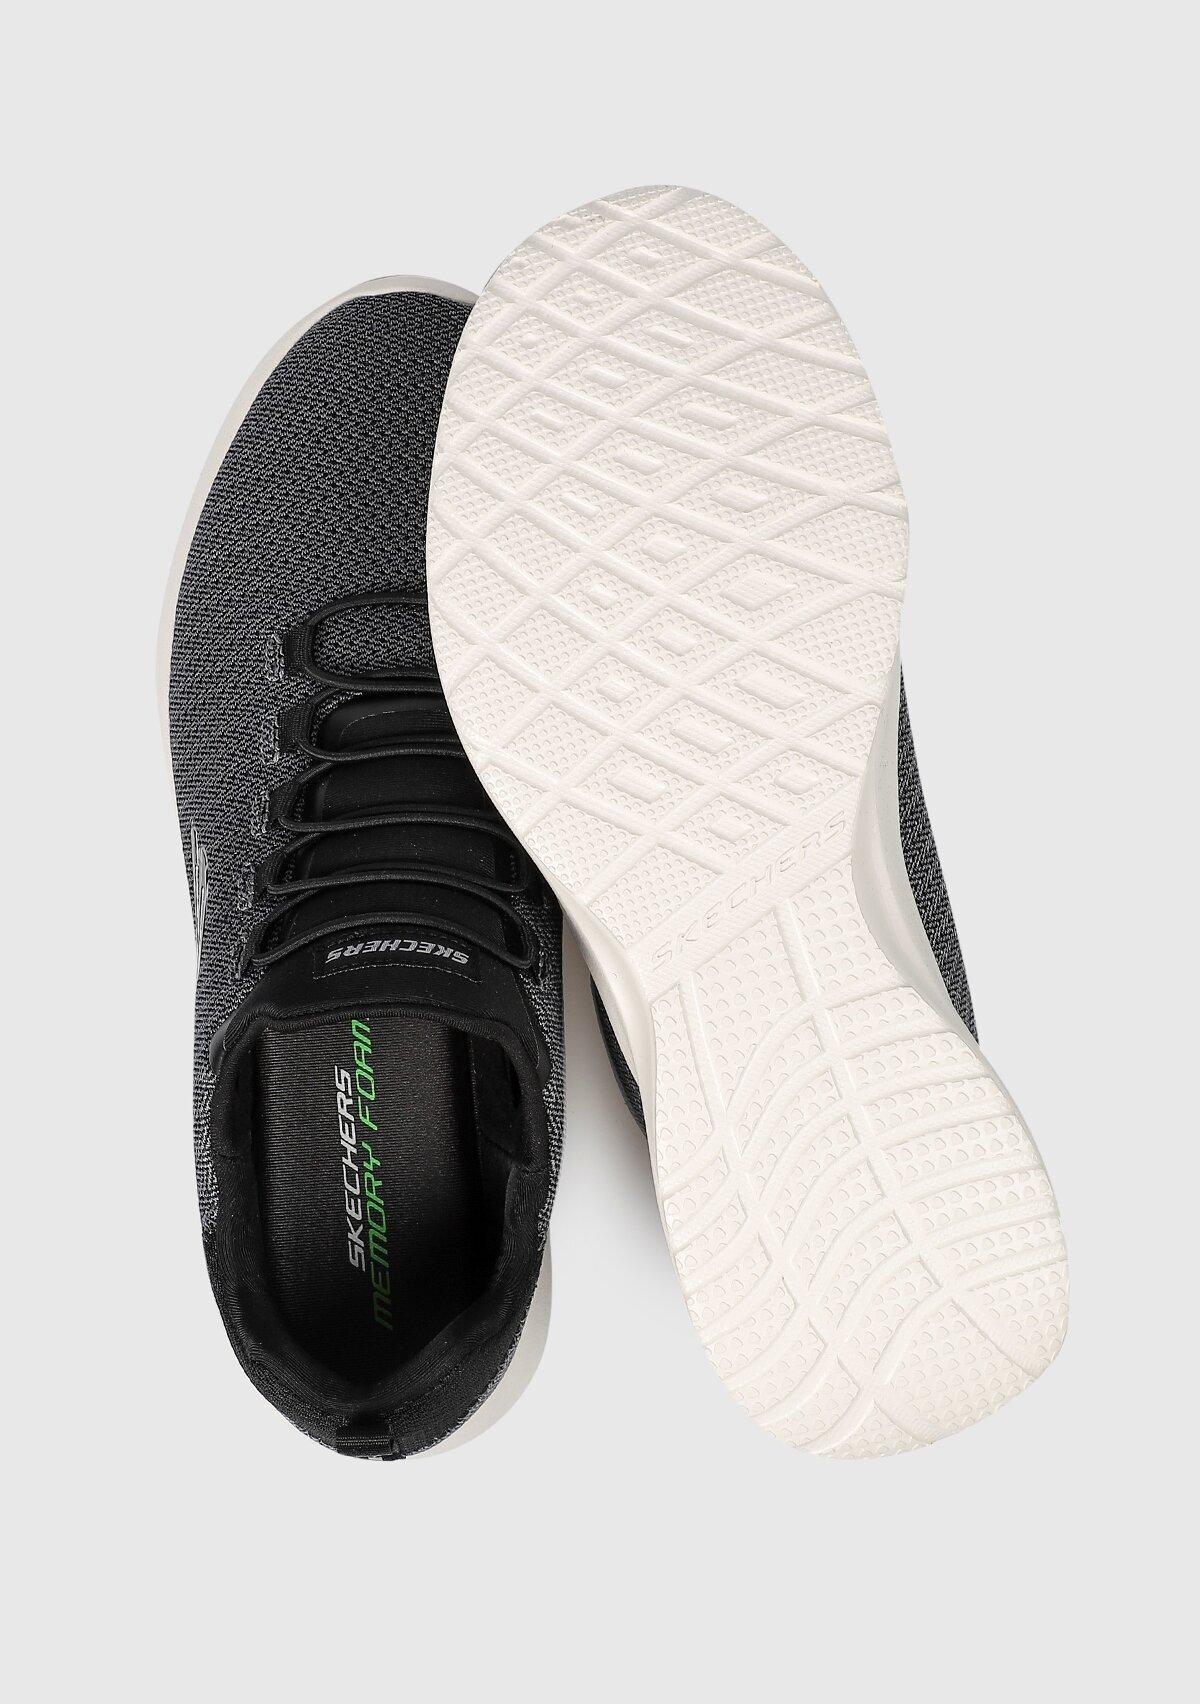 resm Dynamight Siyah Erkek Sneaker 58360Blk